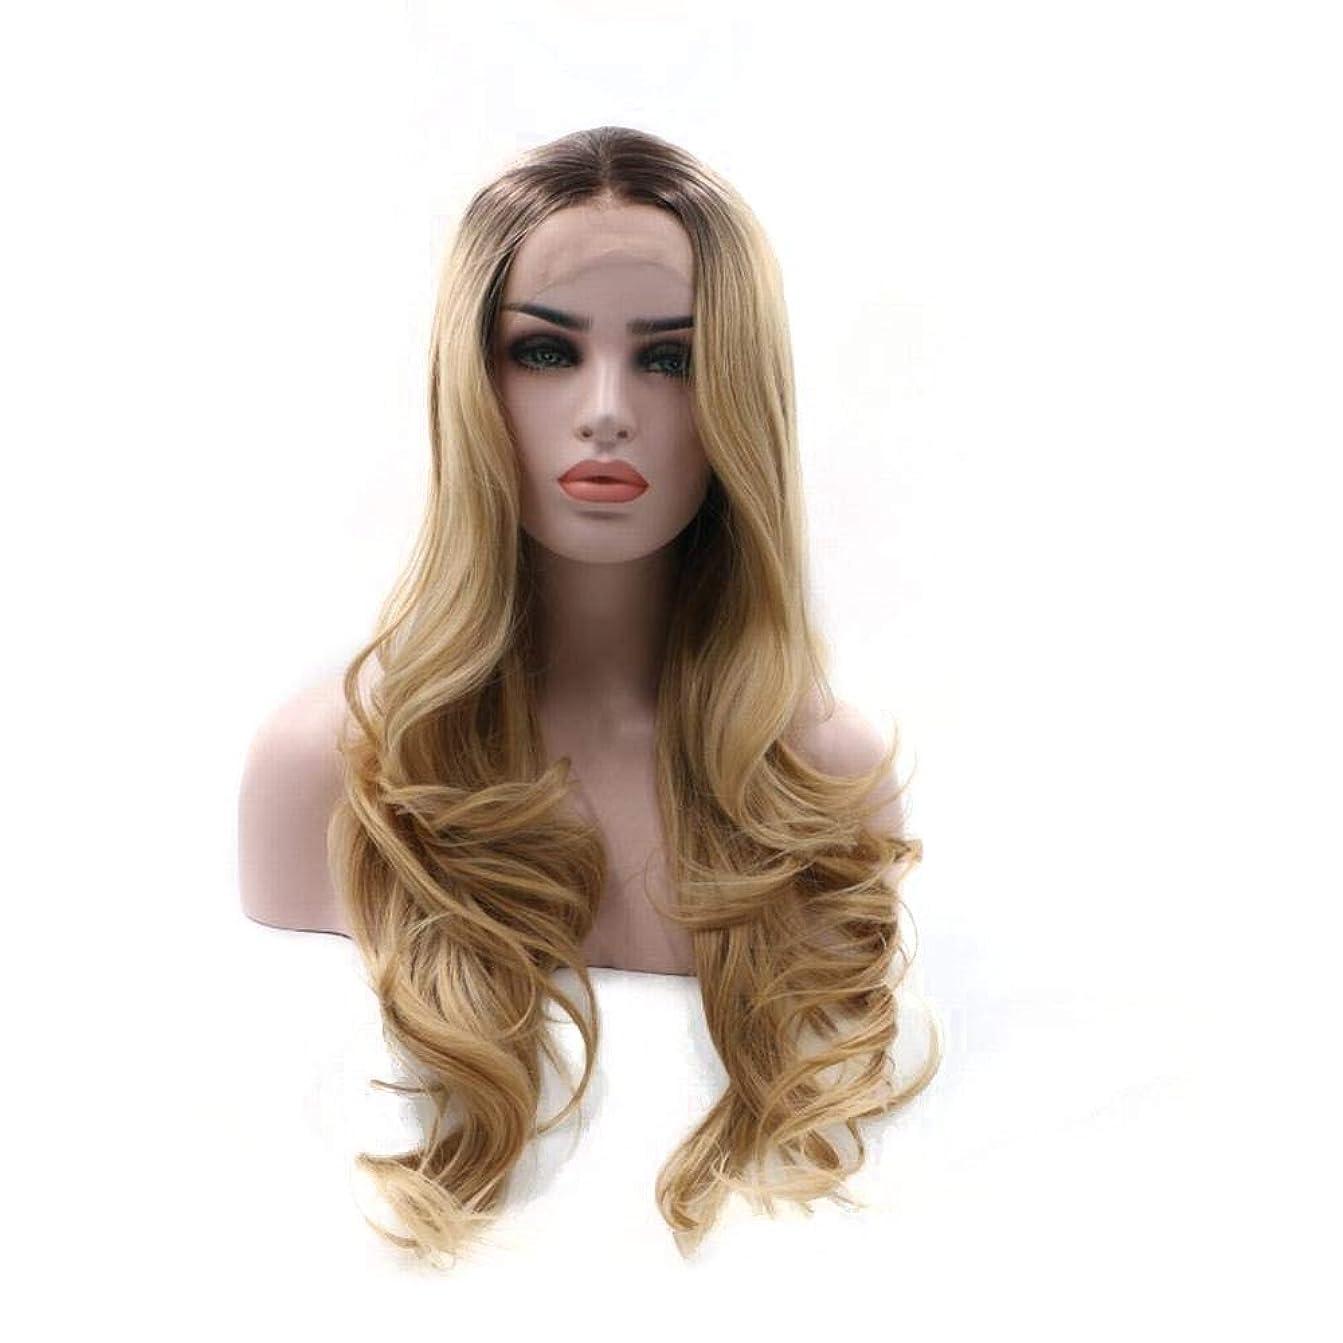 遺伝的コマースレイBOBIDYEE グラデーションゴールドロングカーリーヘアフロントレース手織かつらヘッドギア複合ヘアレースウィッグロールプレイングかつら (色 : Blonde)